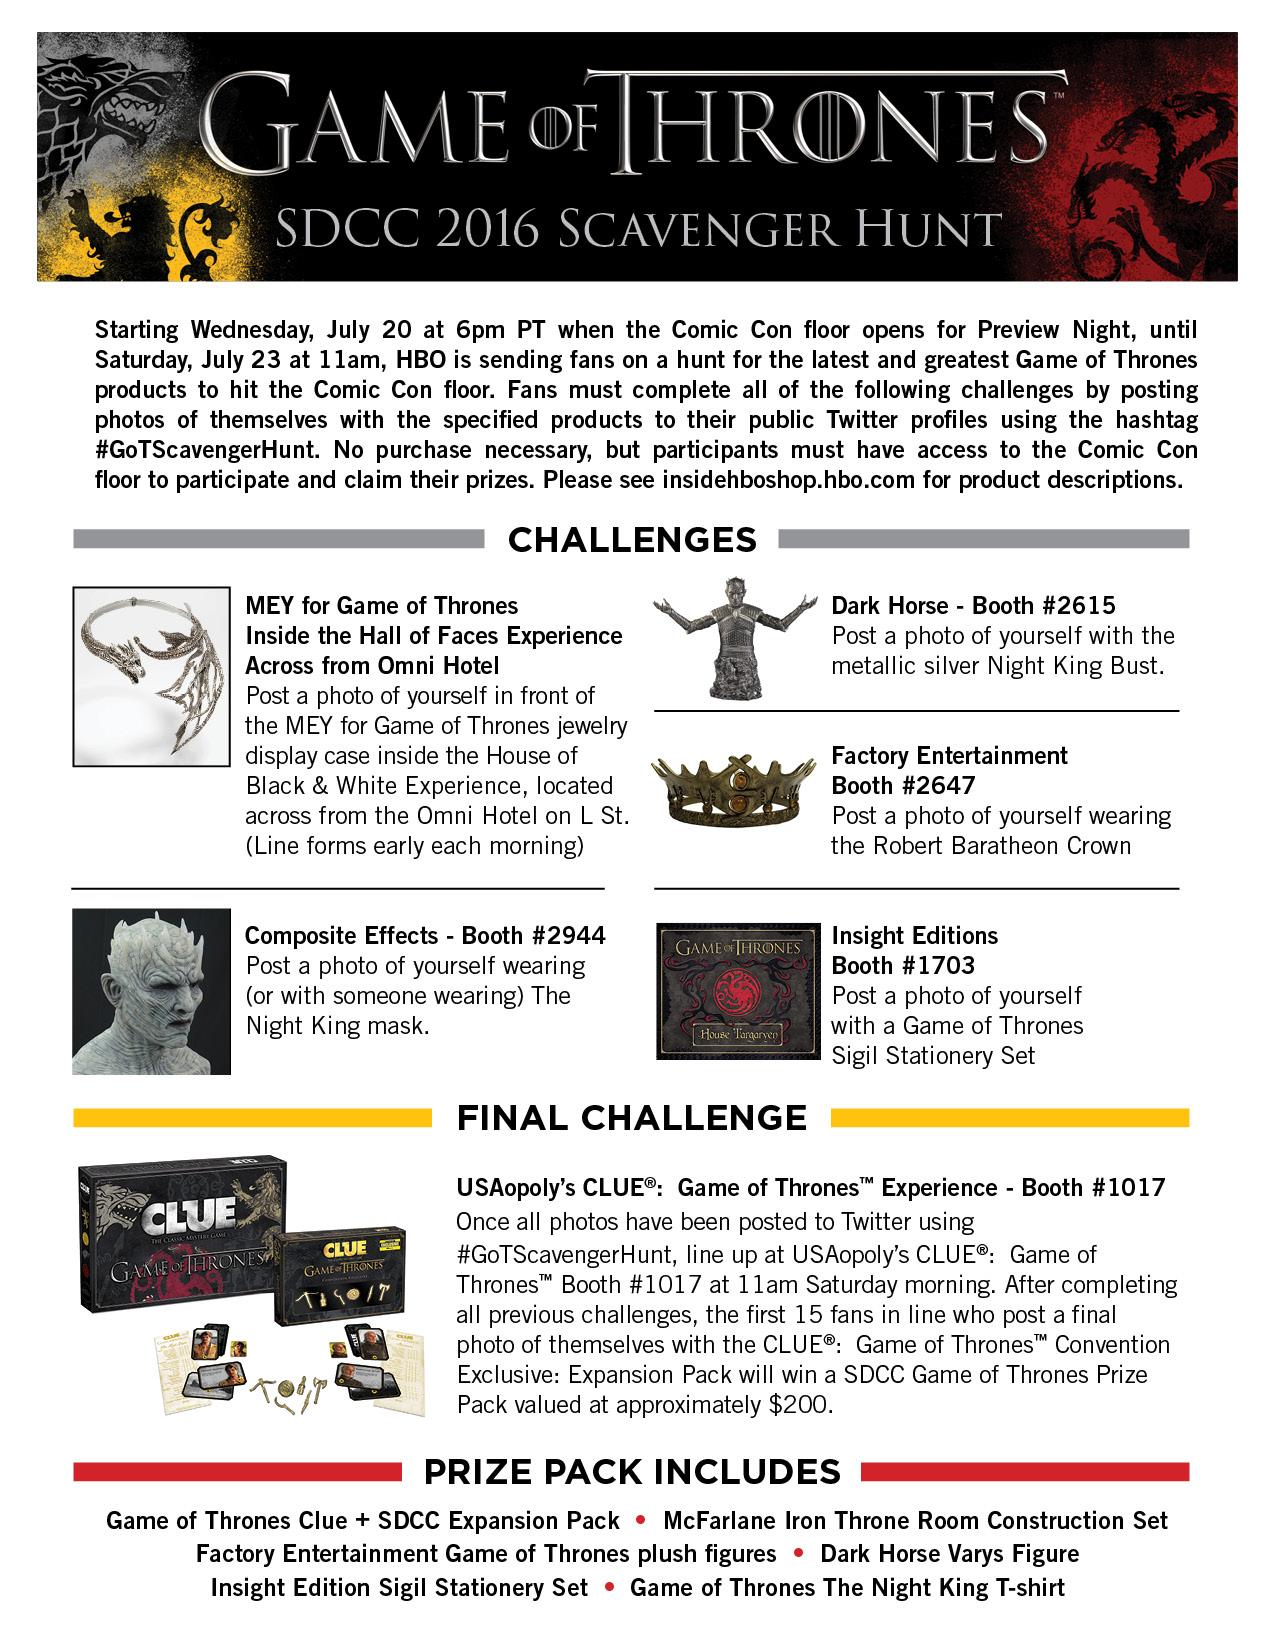 GOT SDCC Scavenger Hunt.jpg